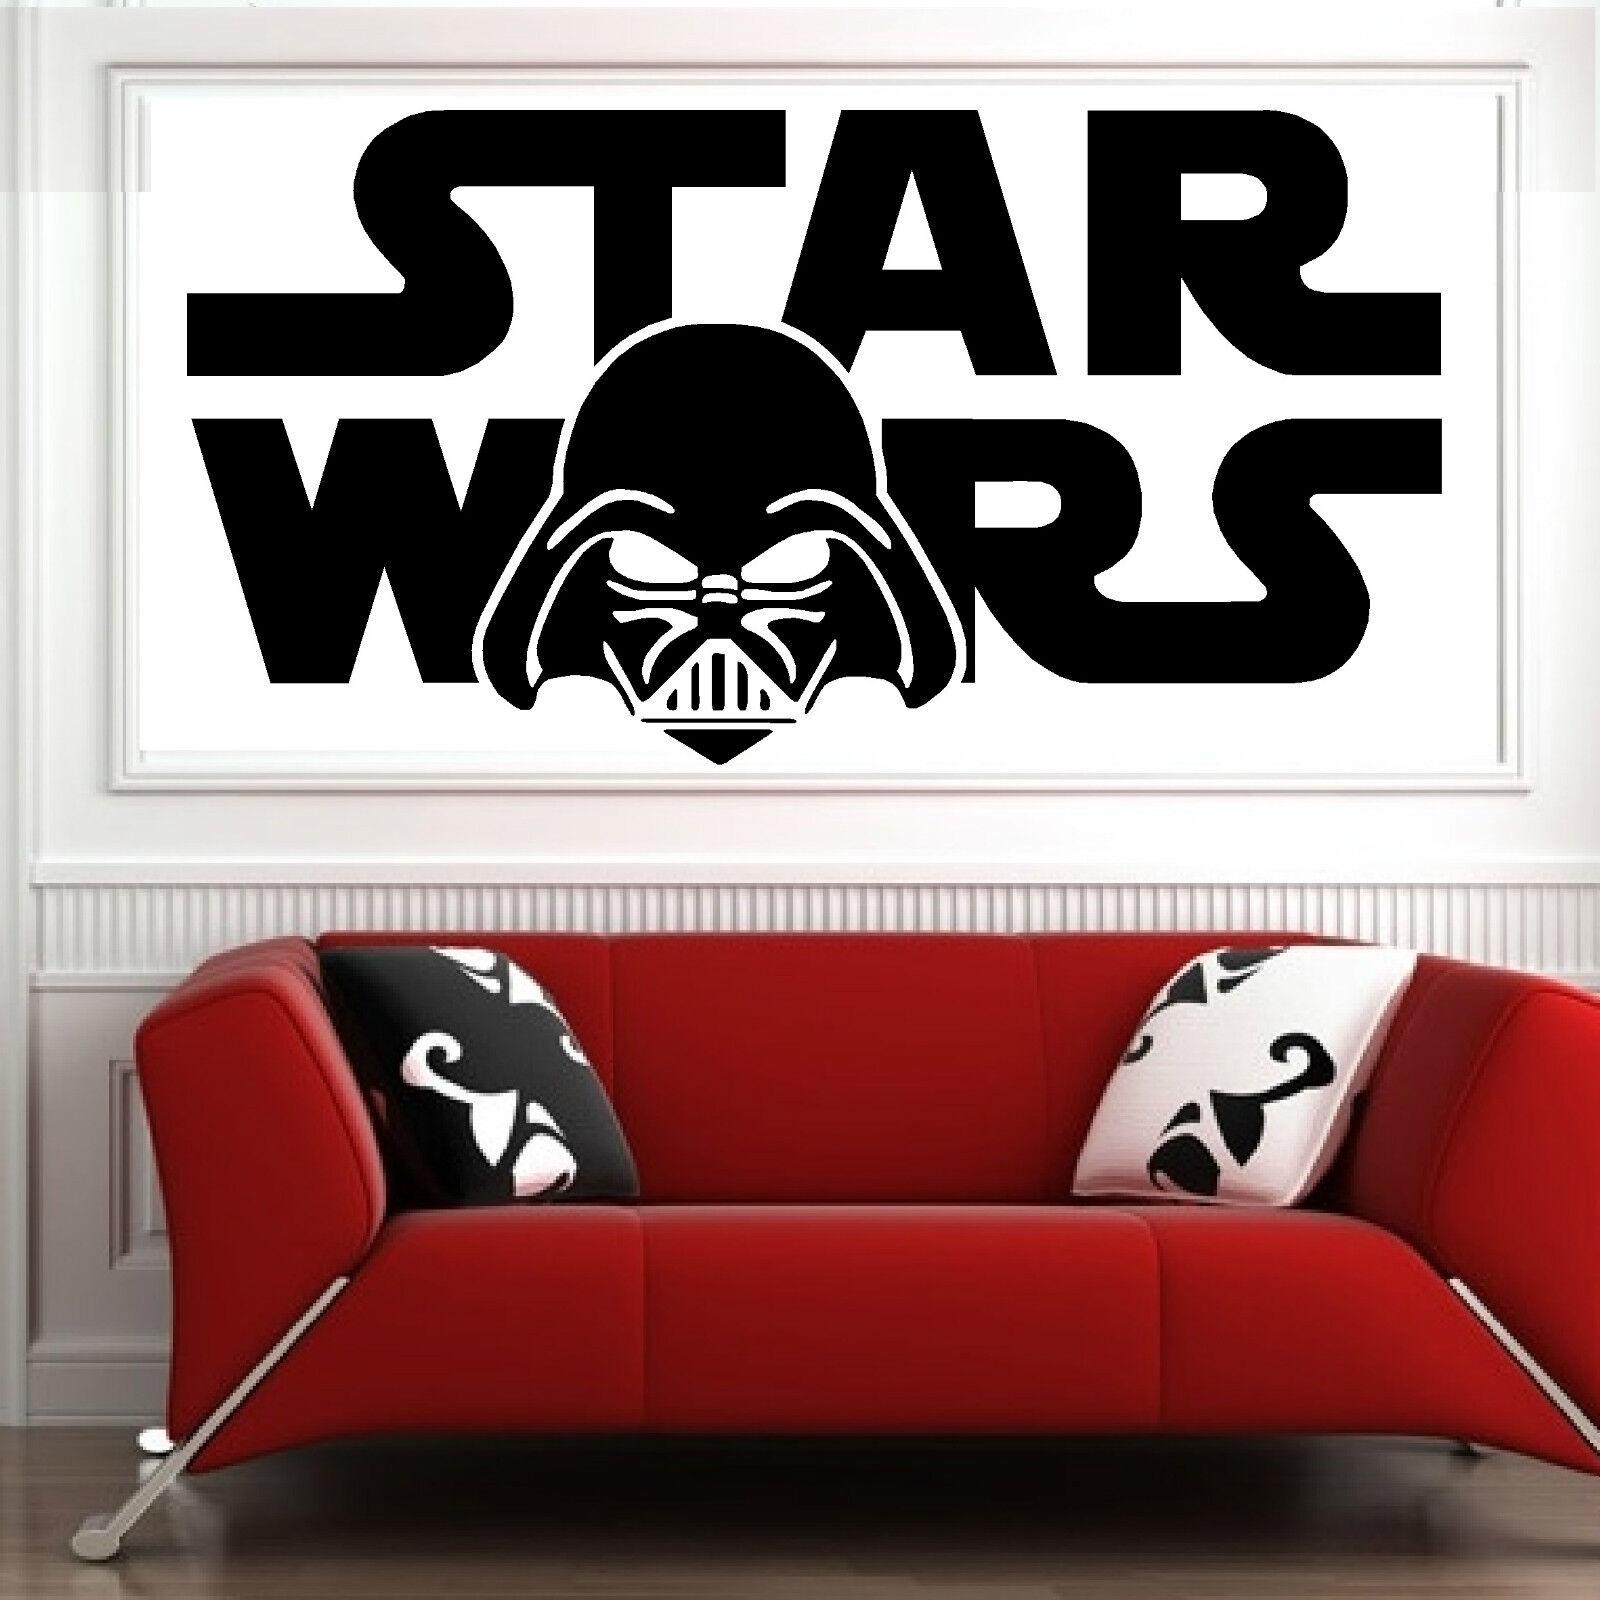 star wars, Wall Art sticker transfer bedroom,lounge,darth vader